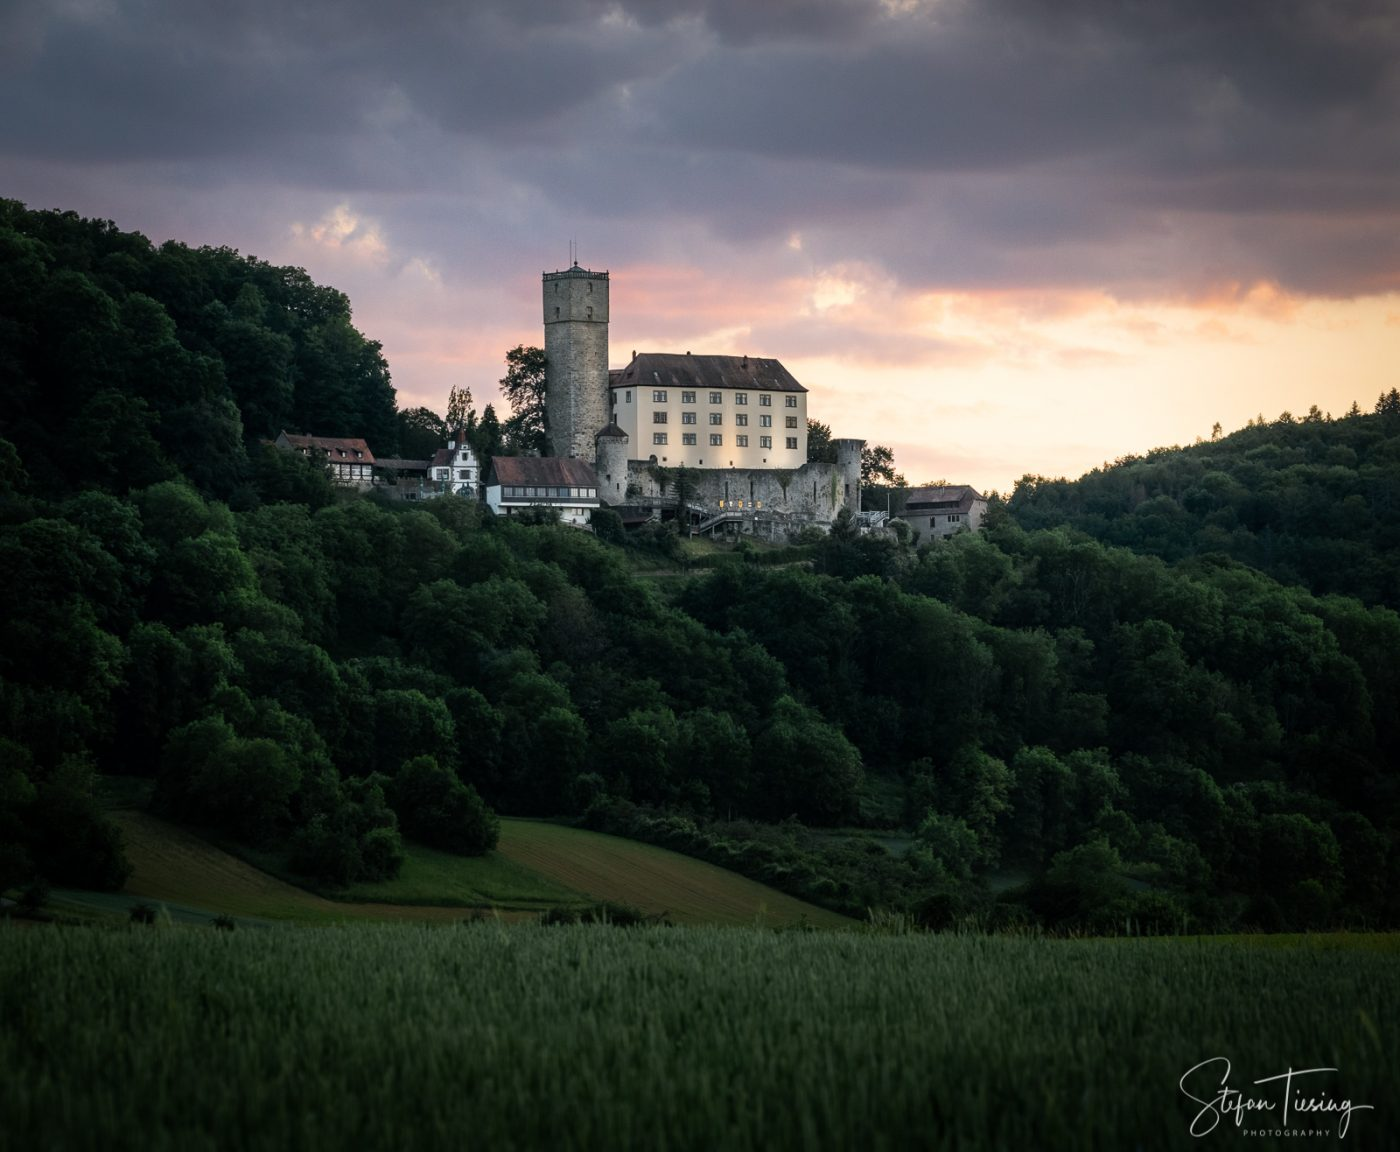 Burg Guttenberg Sunset